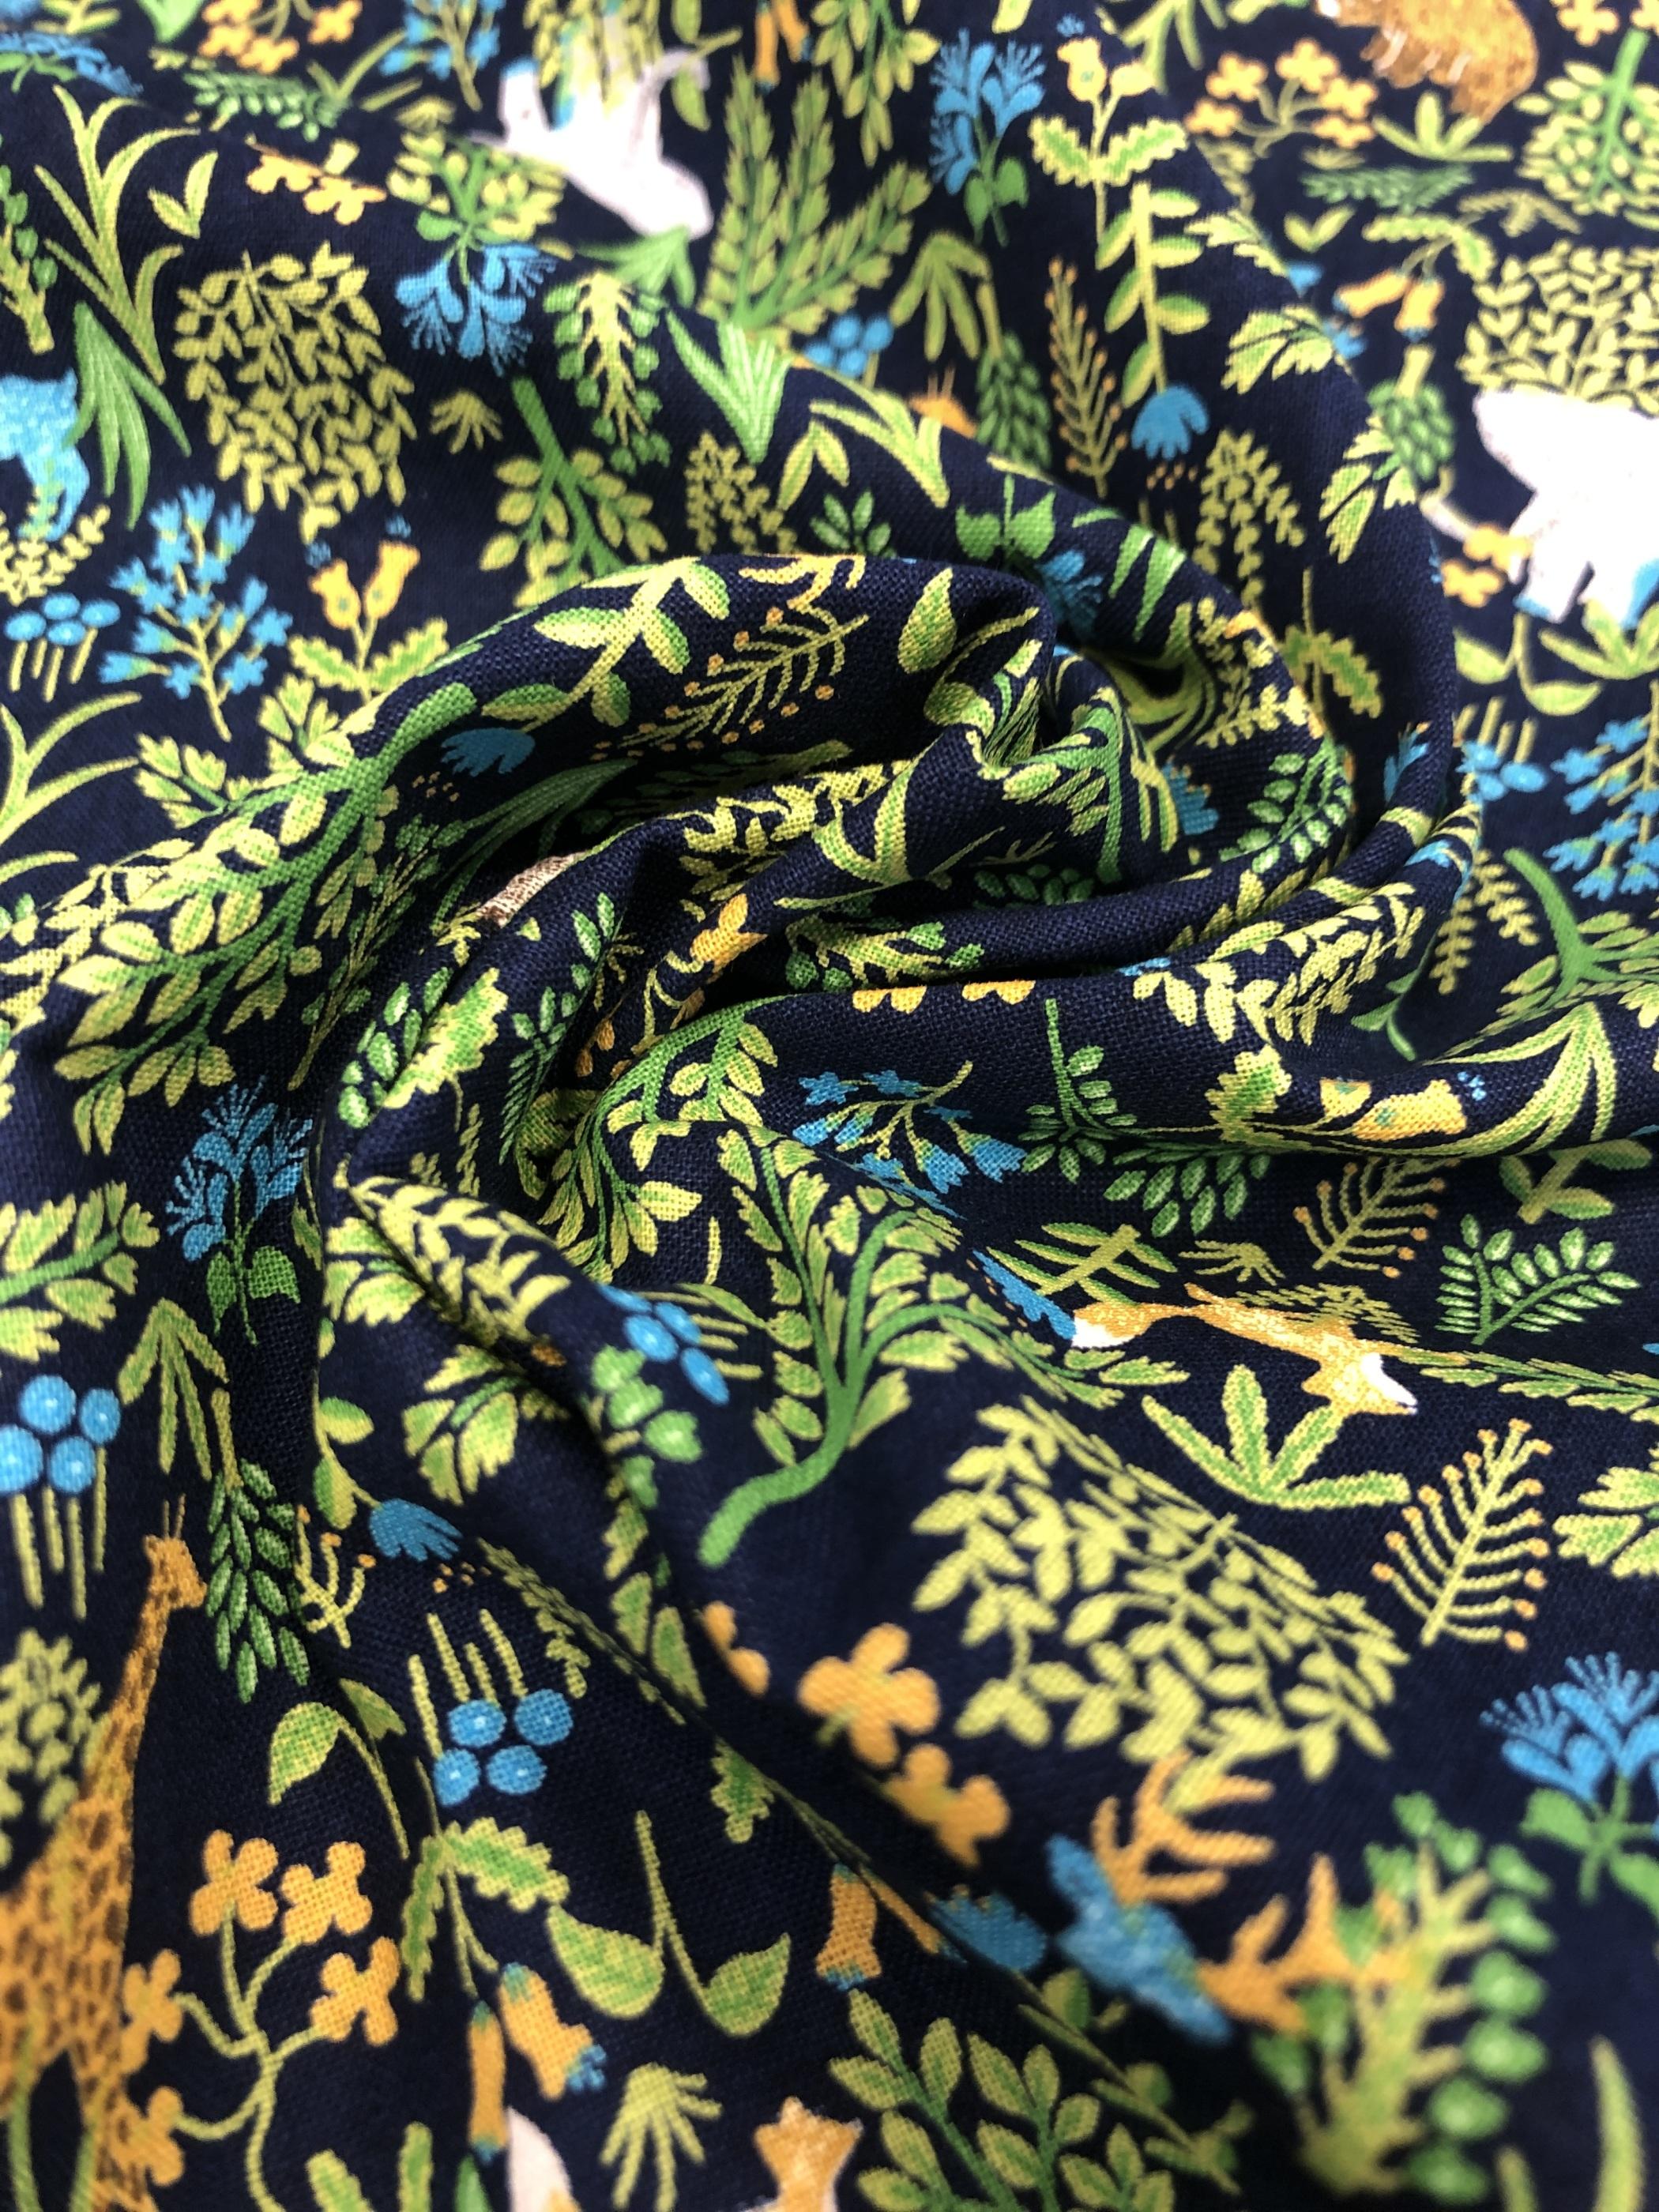 djur blad blå mörkblå småmönstrat barntyg modetyg metervara bomull bomullsväv tyglust laholm